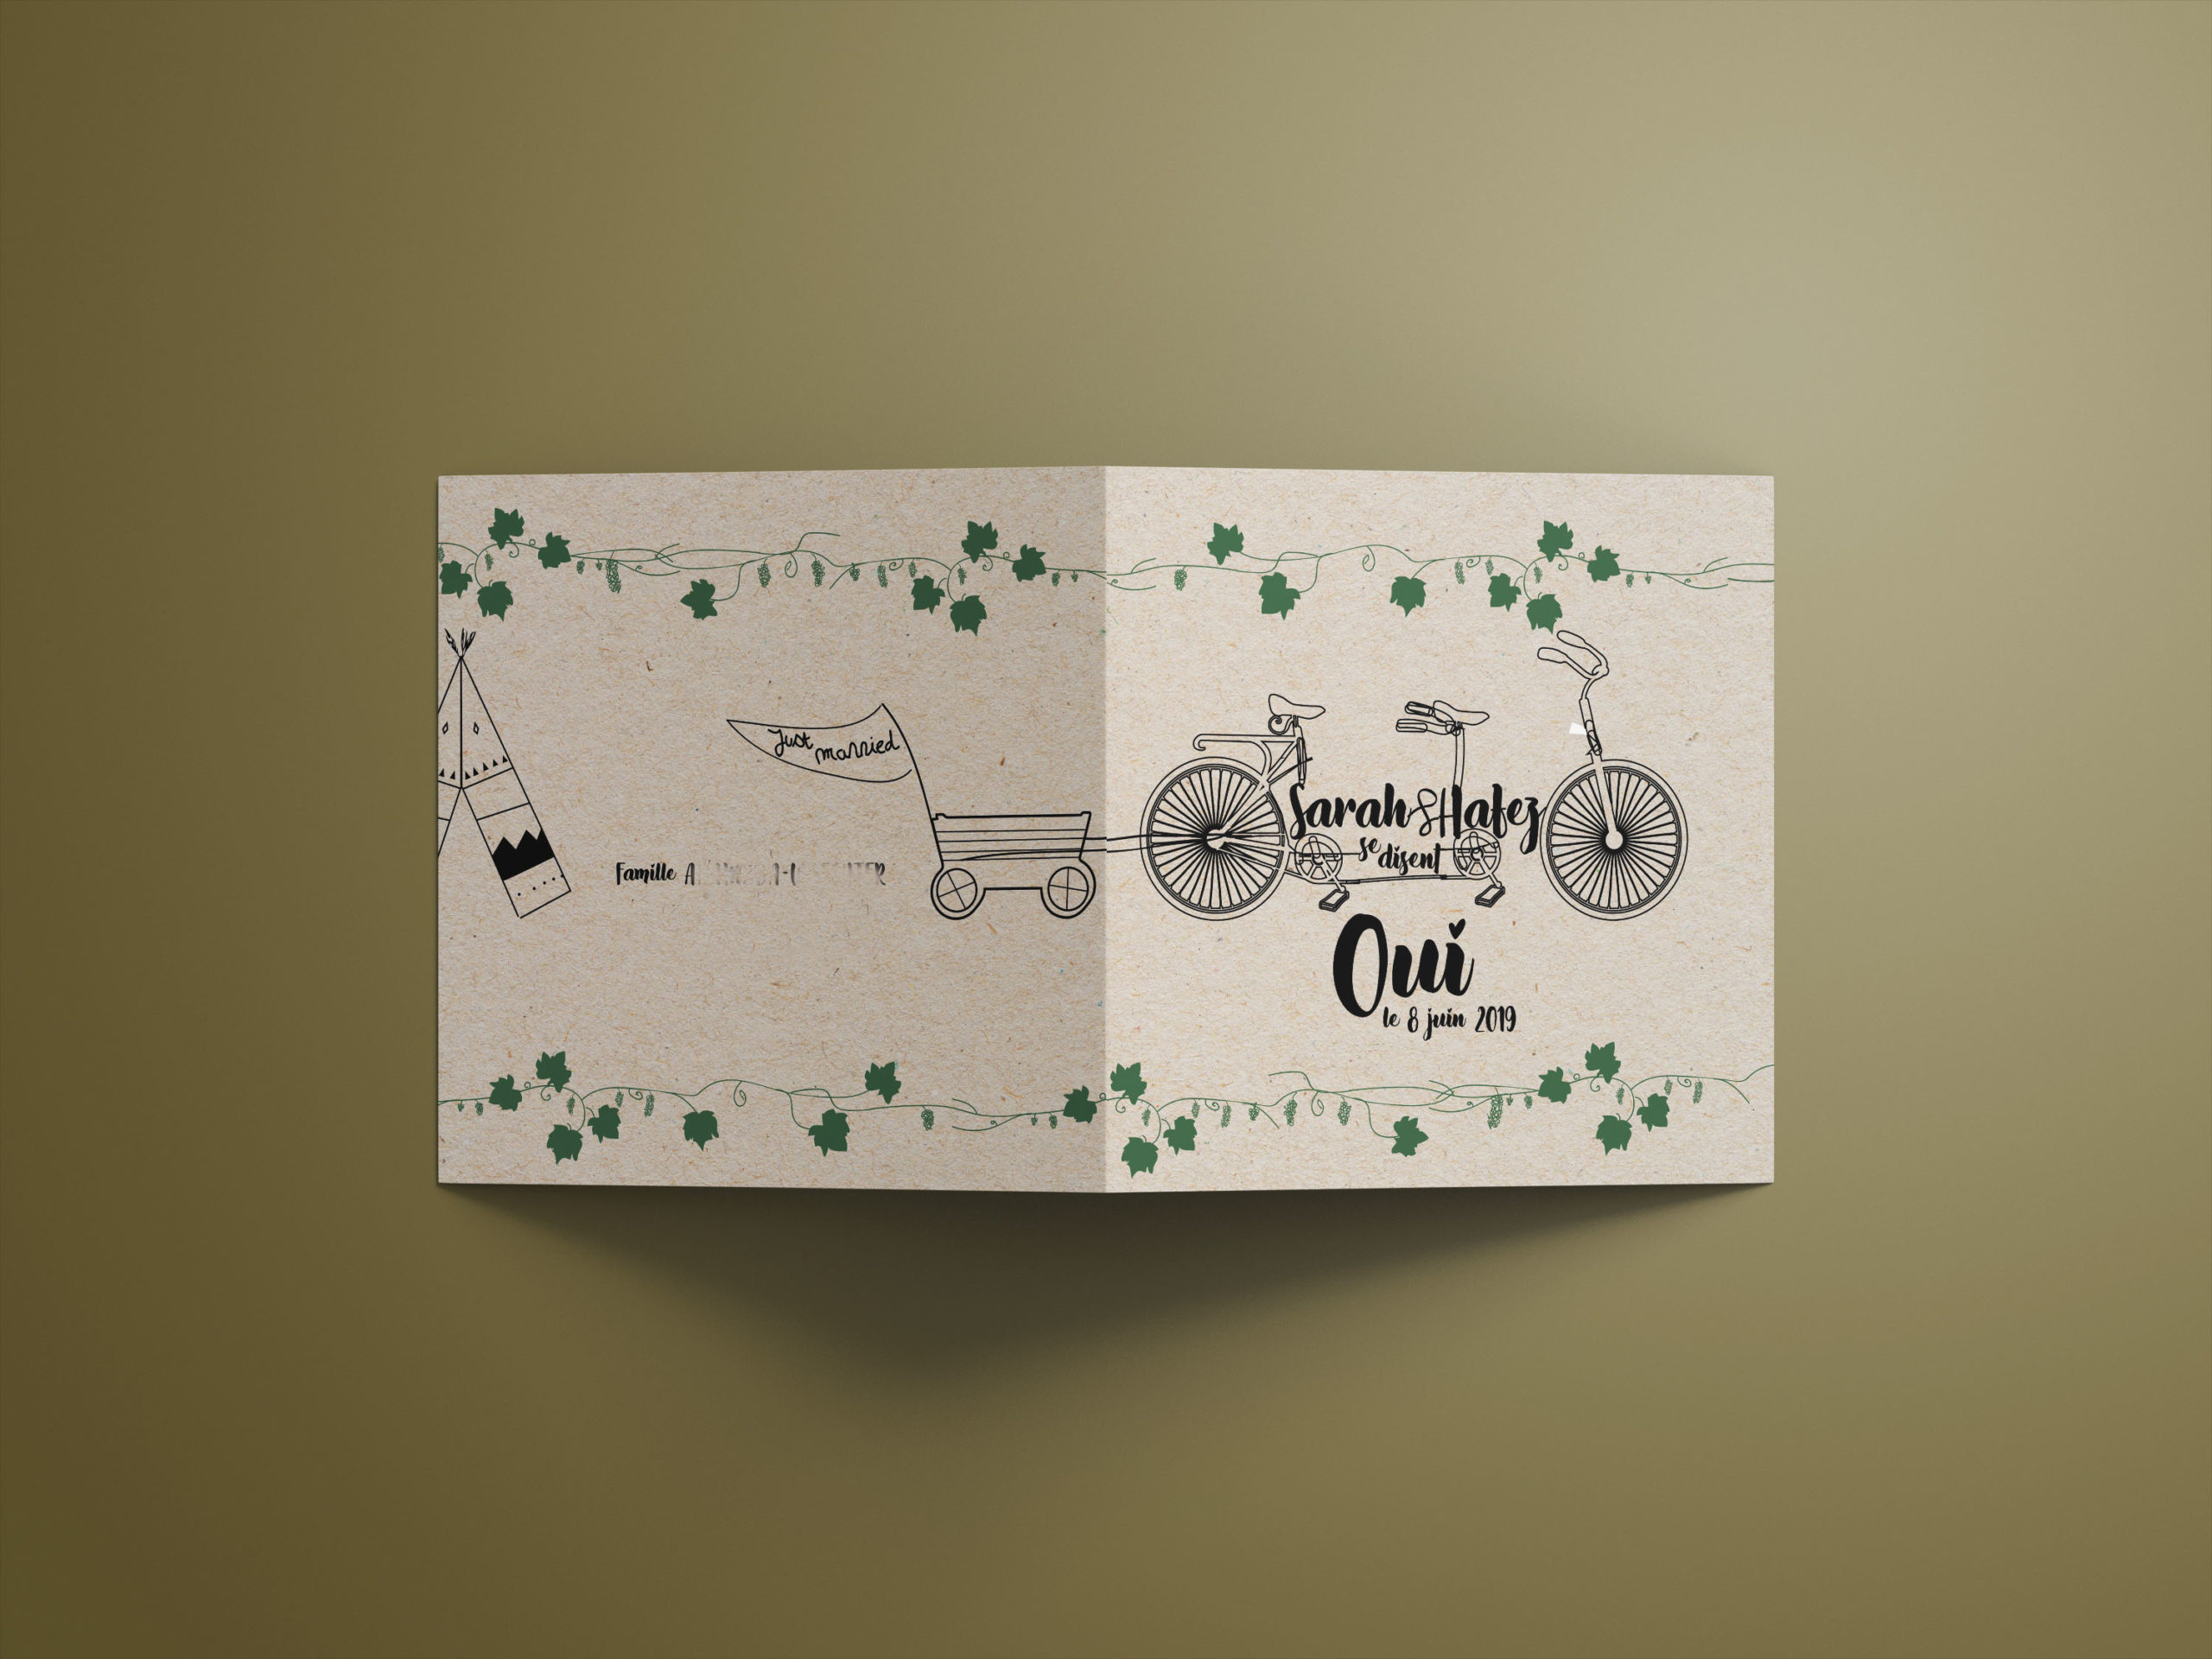 PARTICULIER • Carton dépliant faire-part de mariage